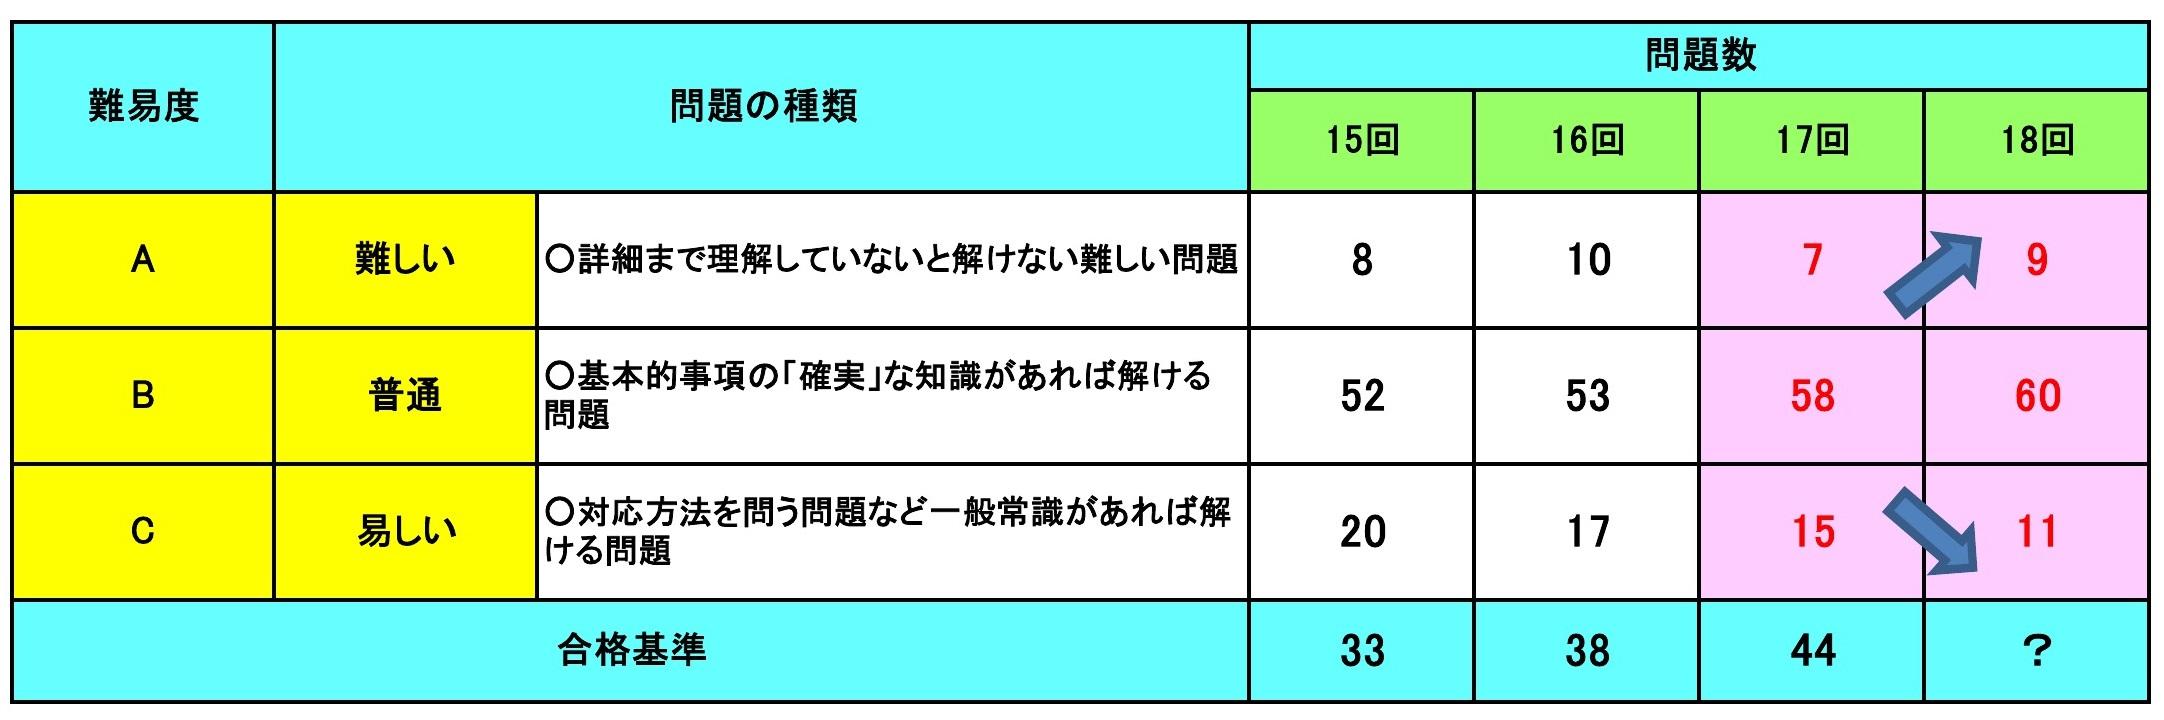 精神まとめ_PAGE0000 - コピー (2)